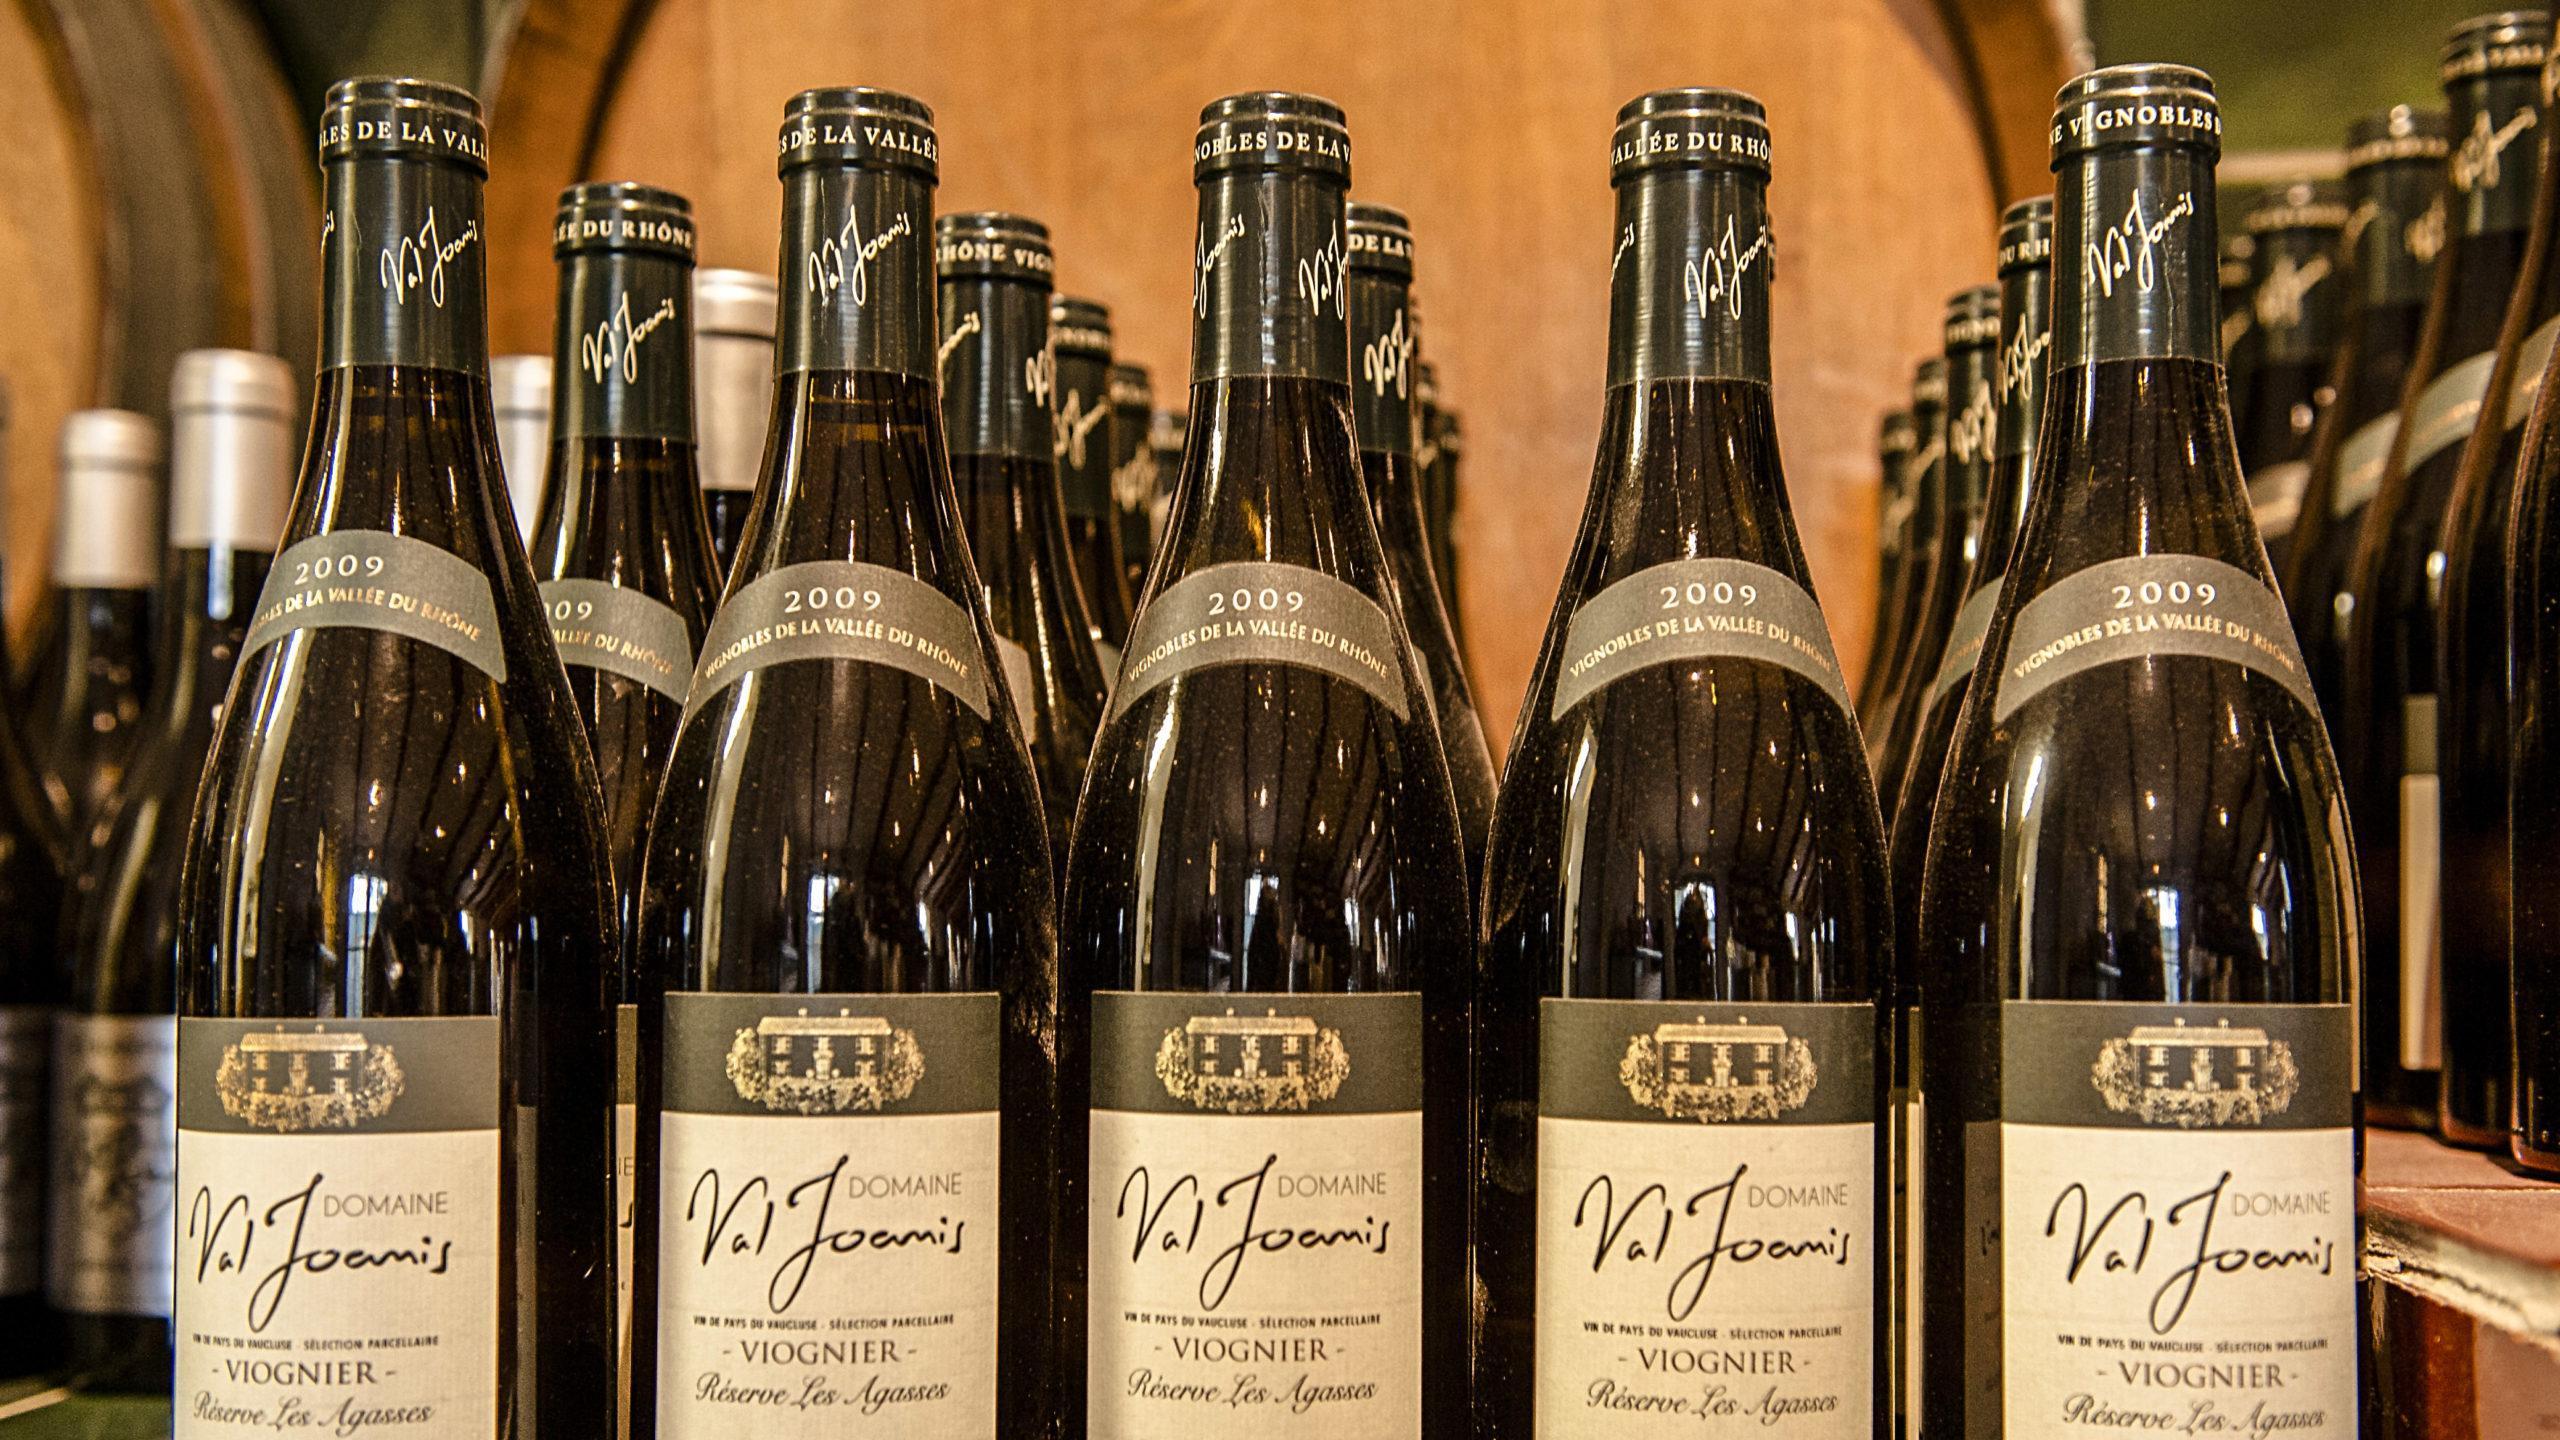 Tropfen aus dem Sortiment des Weinguts Val Joanis. Foto: Hilke Maunder